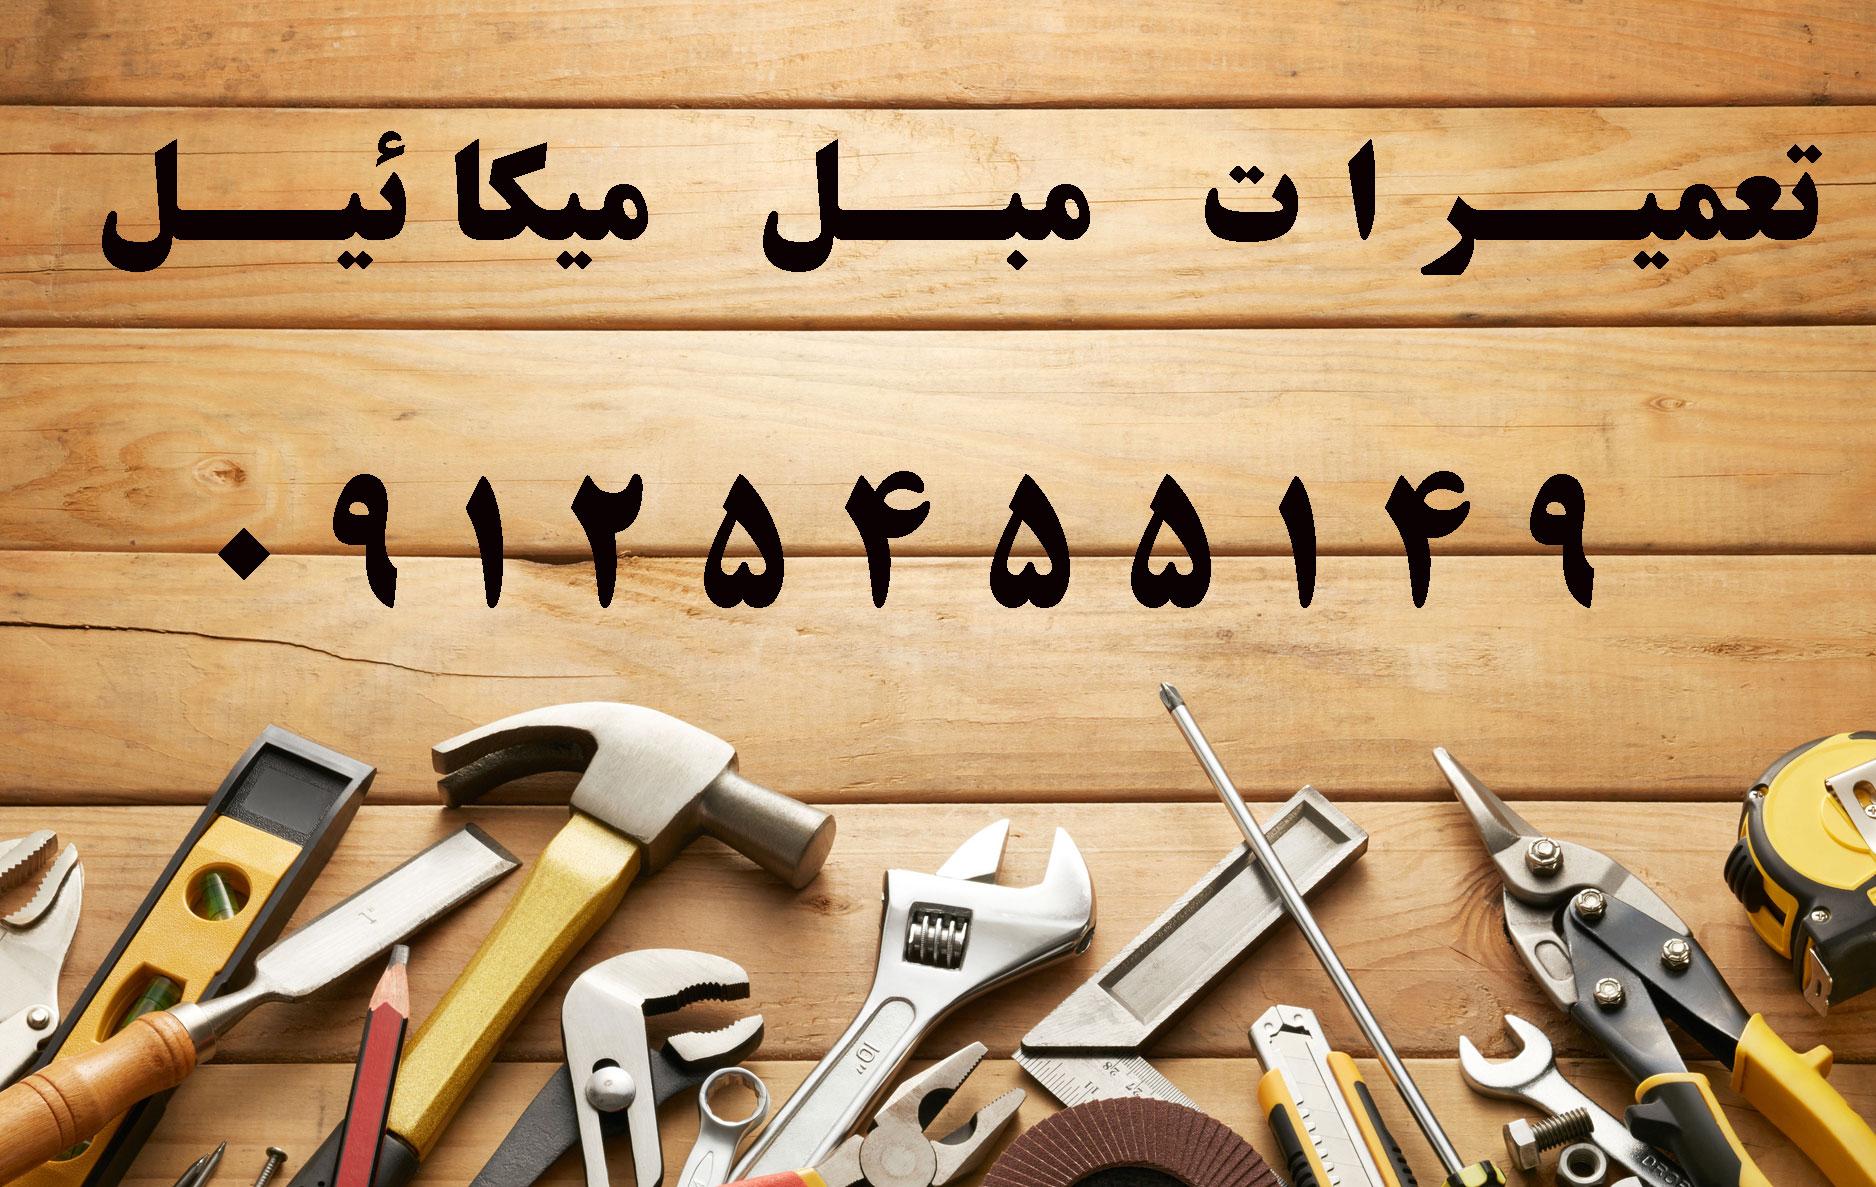 تعمیرات مبل | تعمیرات مبل ایرانی